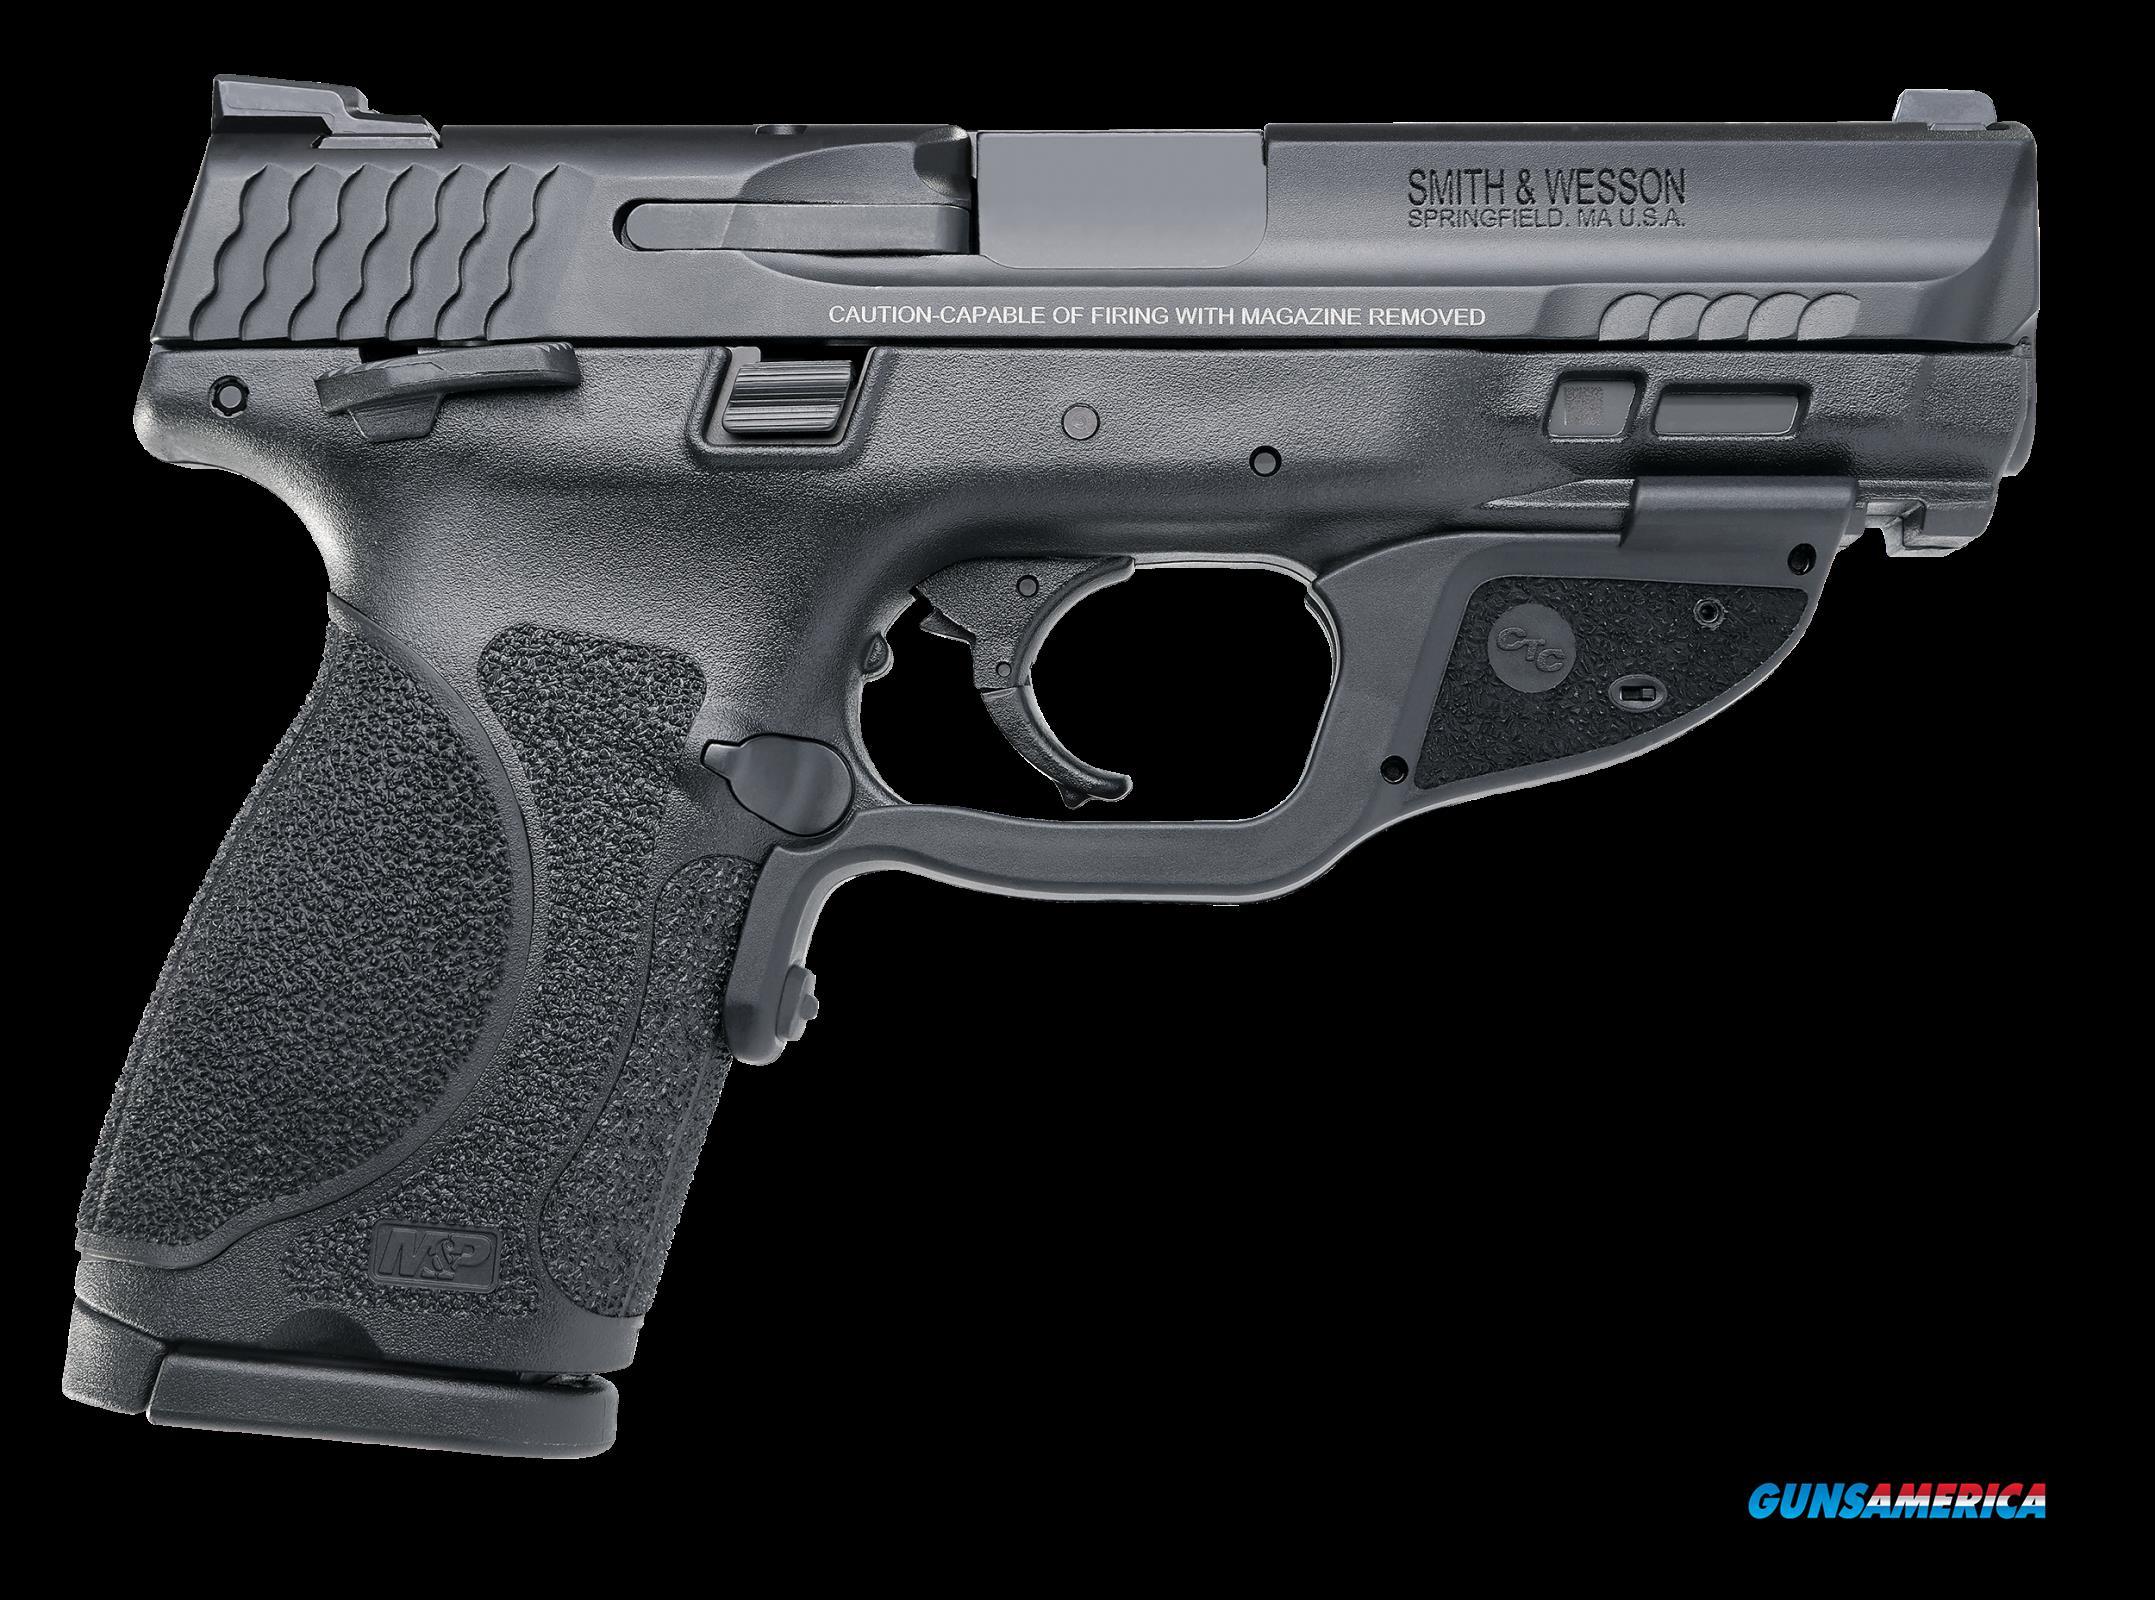 Smith & Wesson M&p 40, S&w M&p40c    12416   40 4in  2.0  Ts Ct Grn  13r  Guns > Pistols > 1911 Pistol Copies (non-Colt)